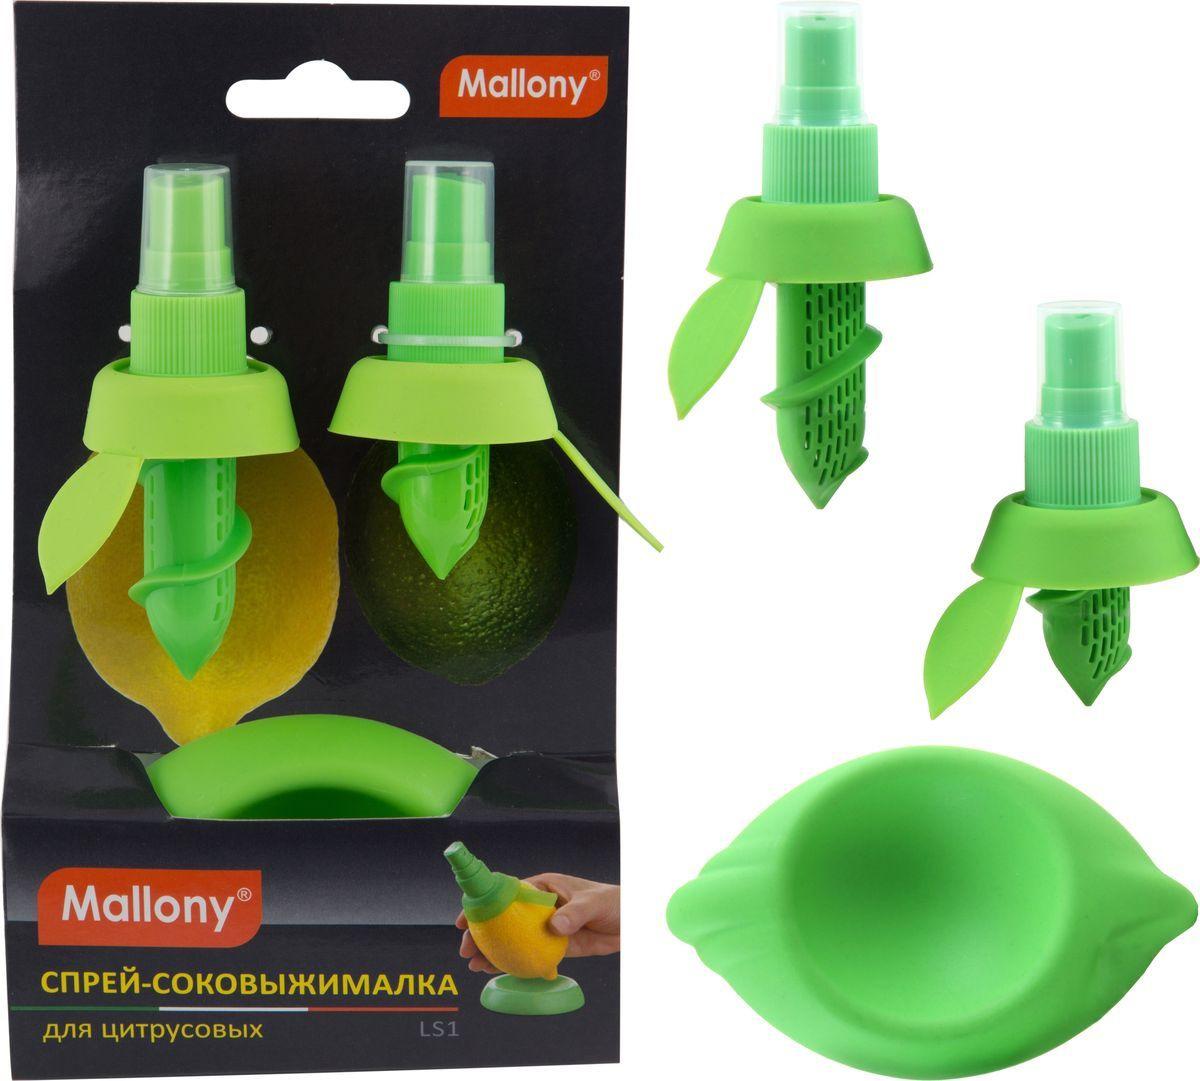 Спрей-соковыжималка Mallony LS1, 370091, 2 шт